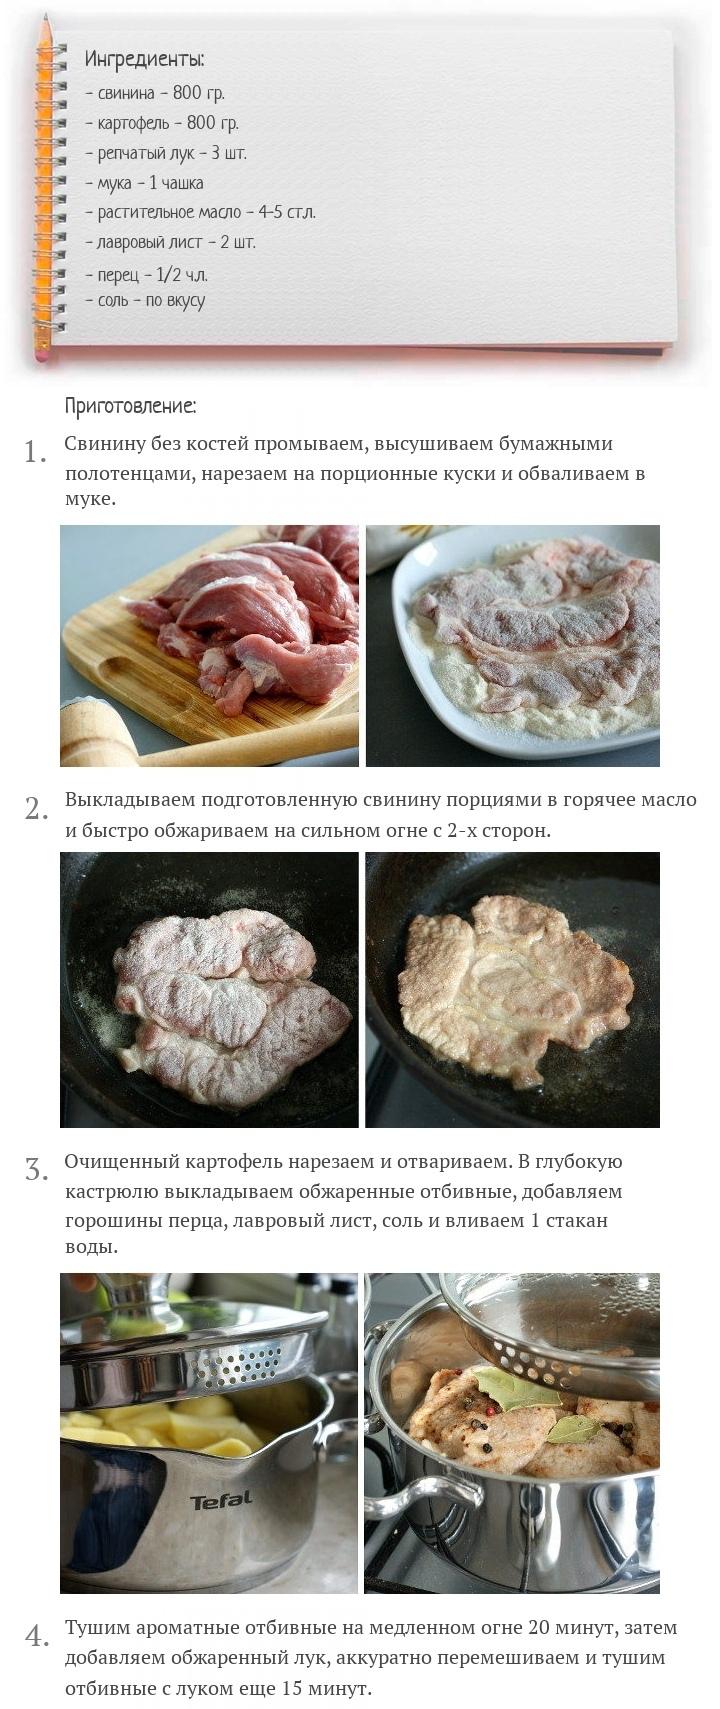 Отбивные из свинины в соусе, изображение №2